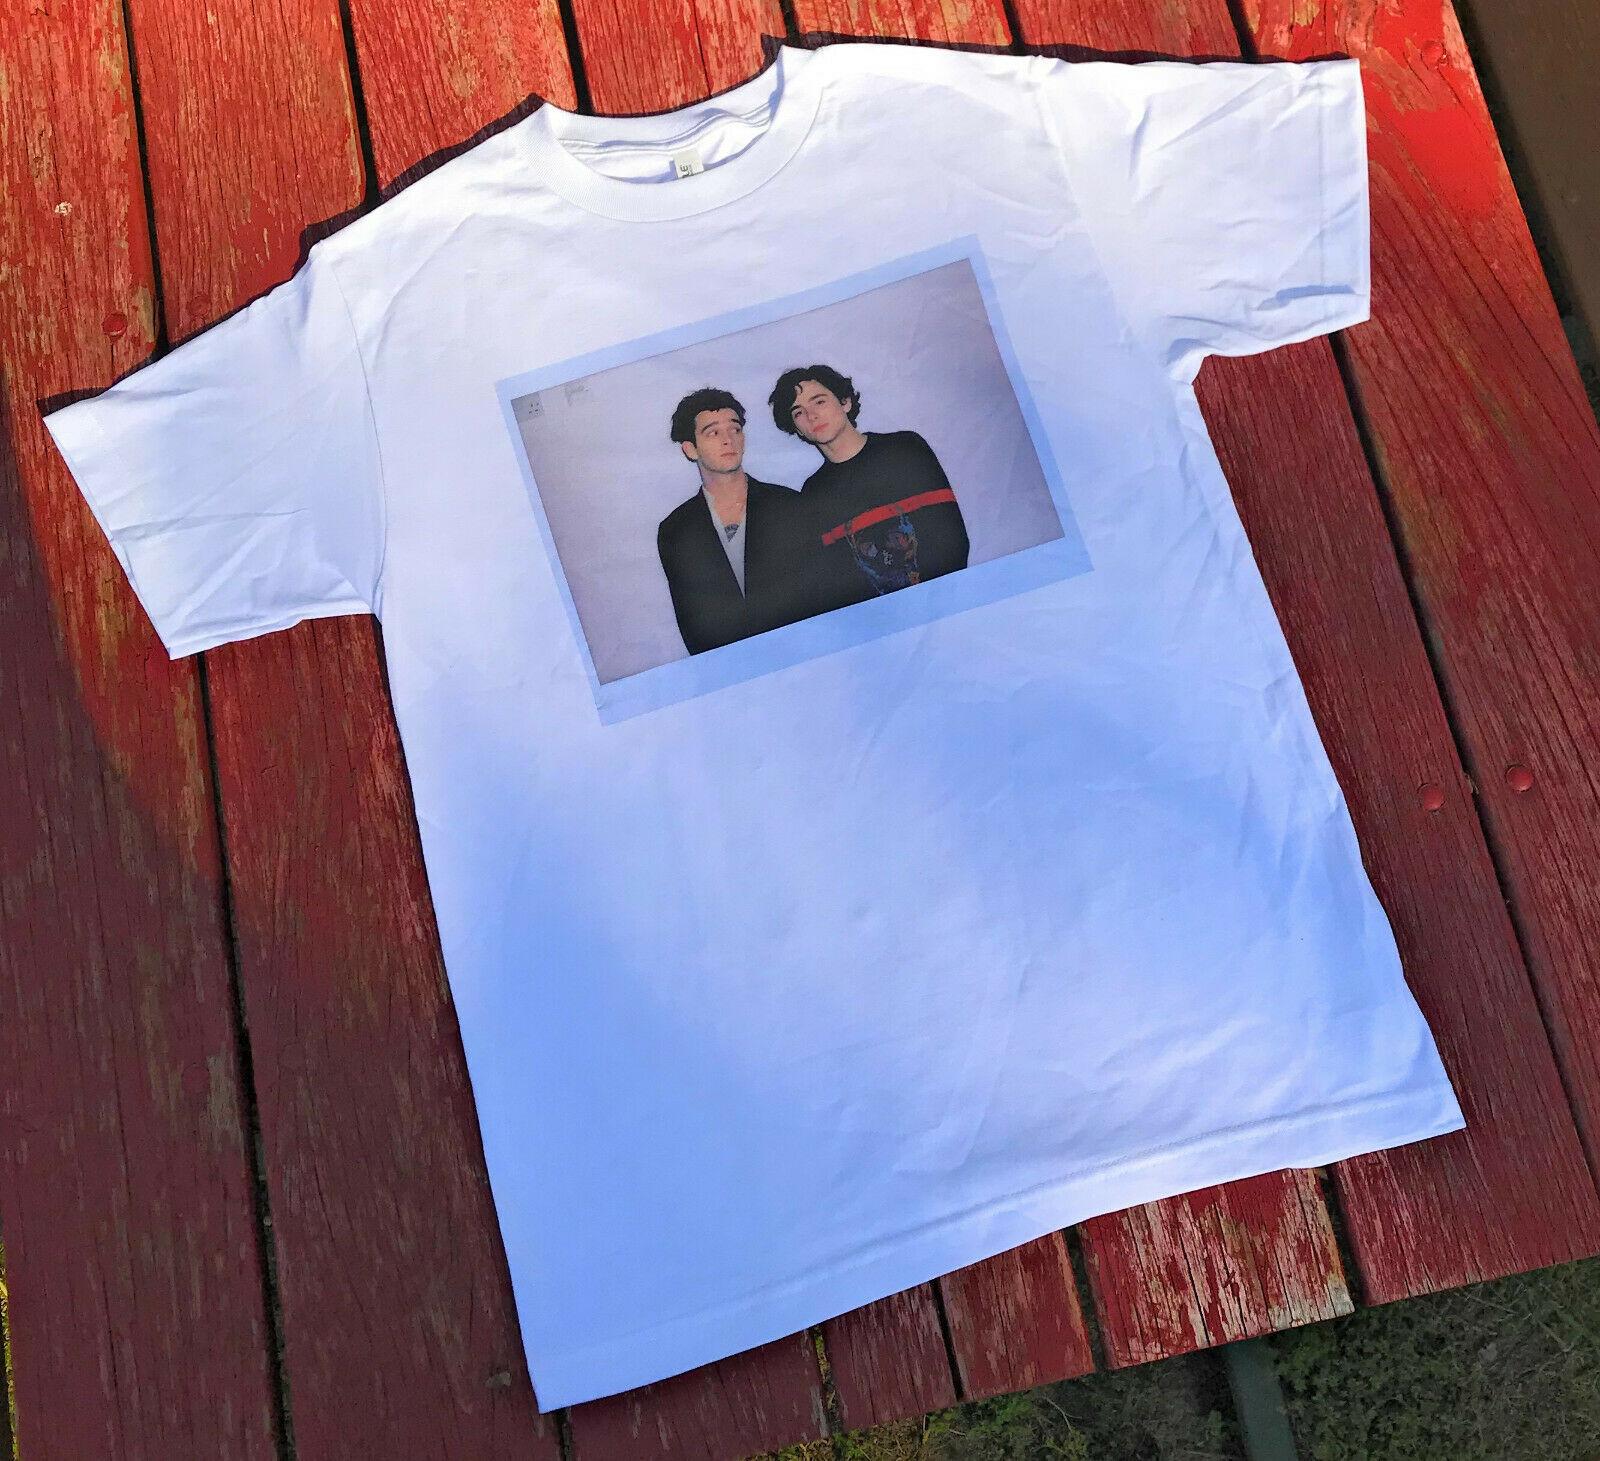 Camiseta de manga corta para hombre con diseño mate Healy y Timothee Chalamet inspirado en 1975